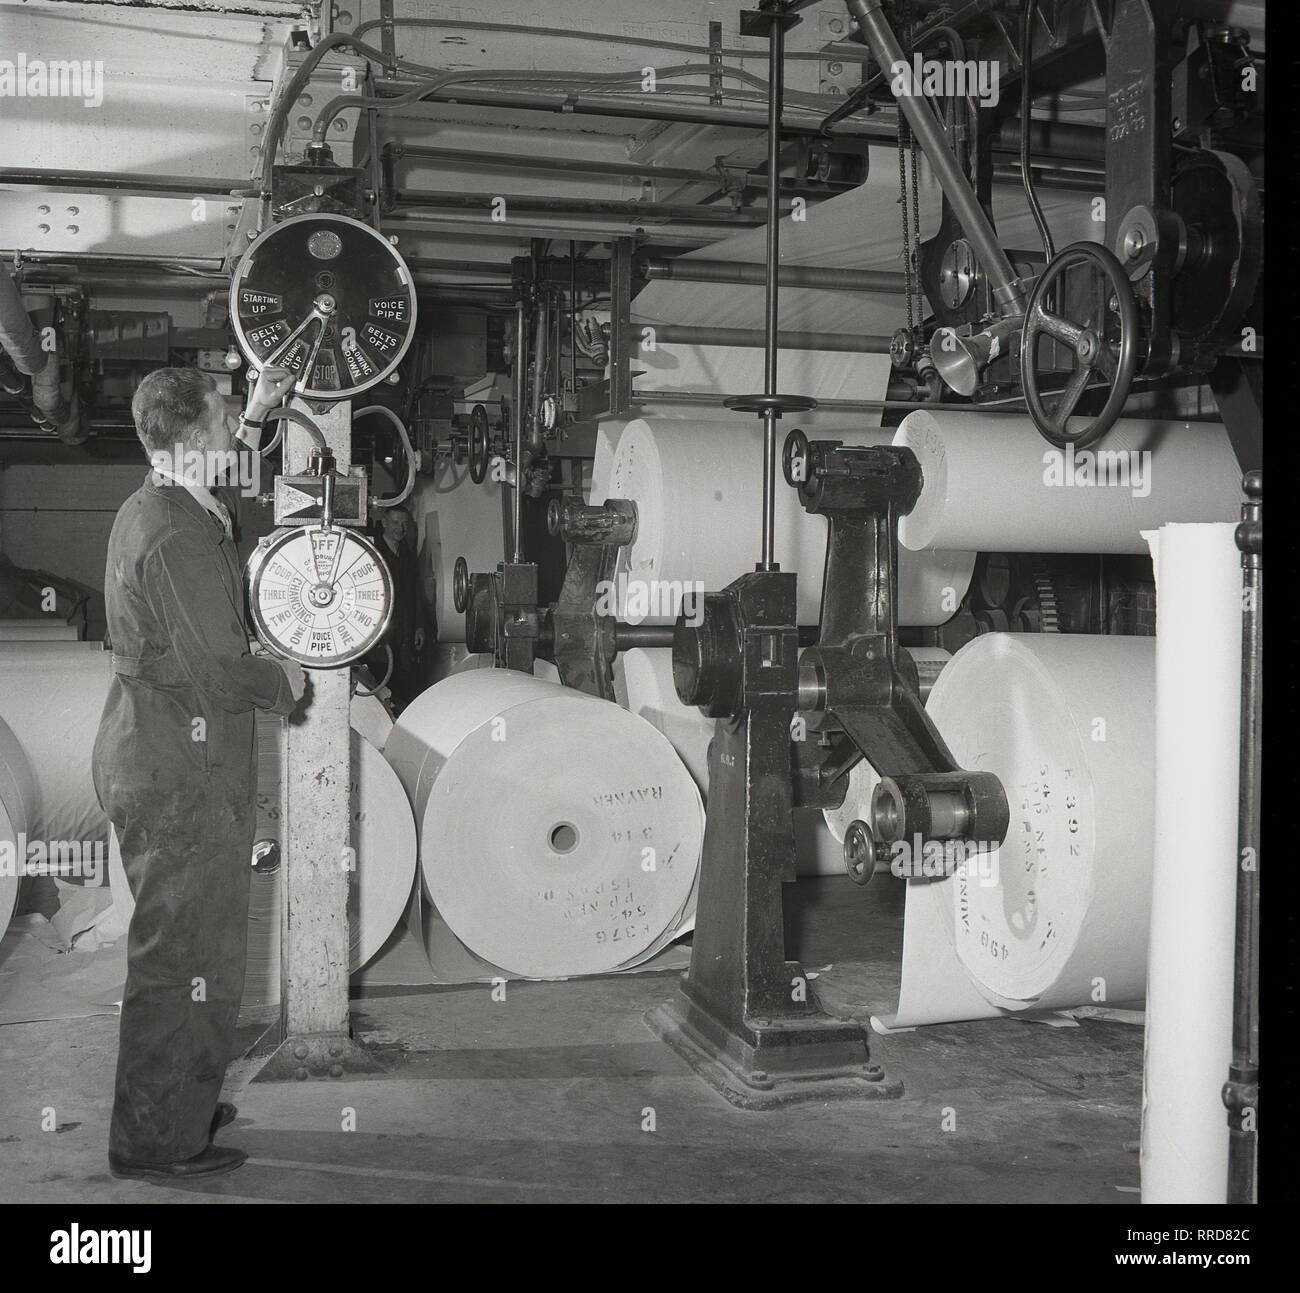 1950, trabajador masculino en mono de comprobación de la marca y los controles de funcionamiento en una impresión de obras del Molino de Papel Brittains, Inglaterra, Reino Unido, mostrando la maquinaria donde los rodillos acabados de papel son almacenados. Imagen De Stock